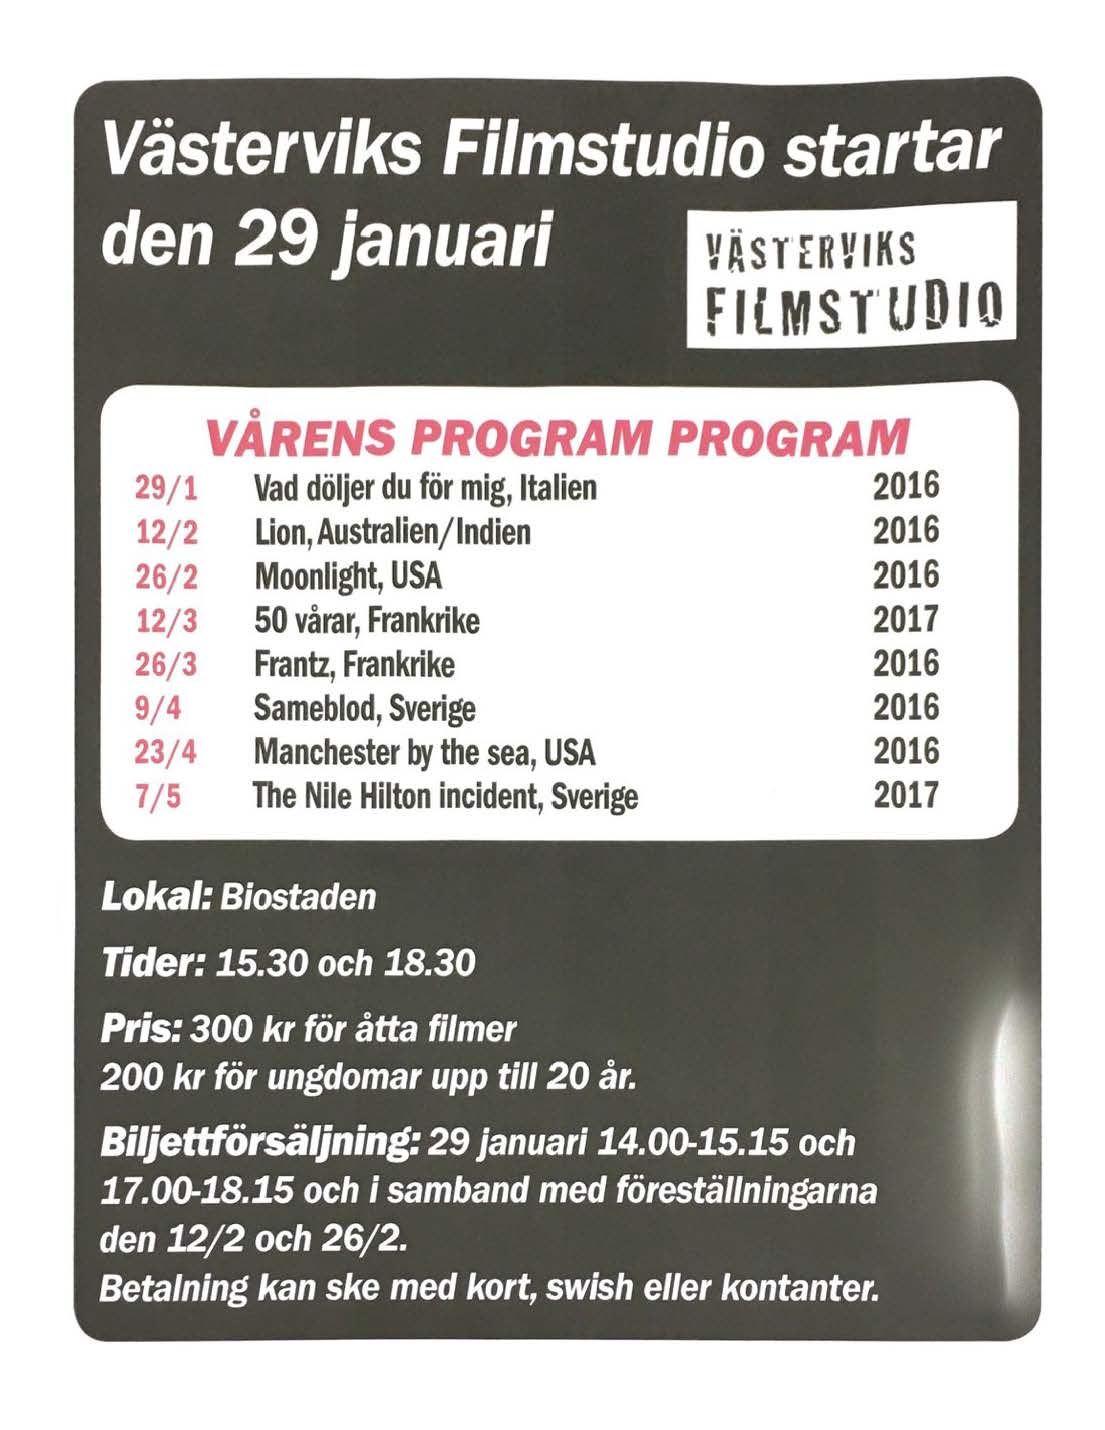 Västerviks Filmstudio